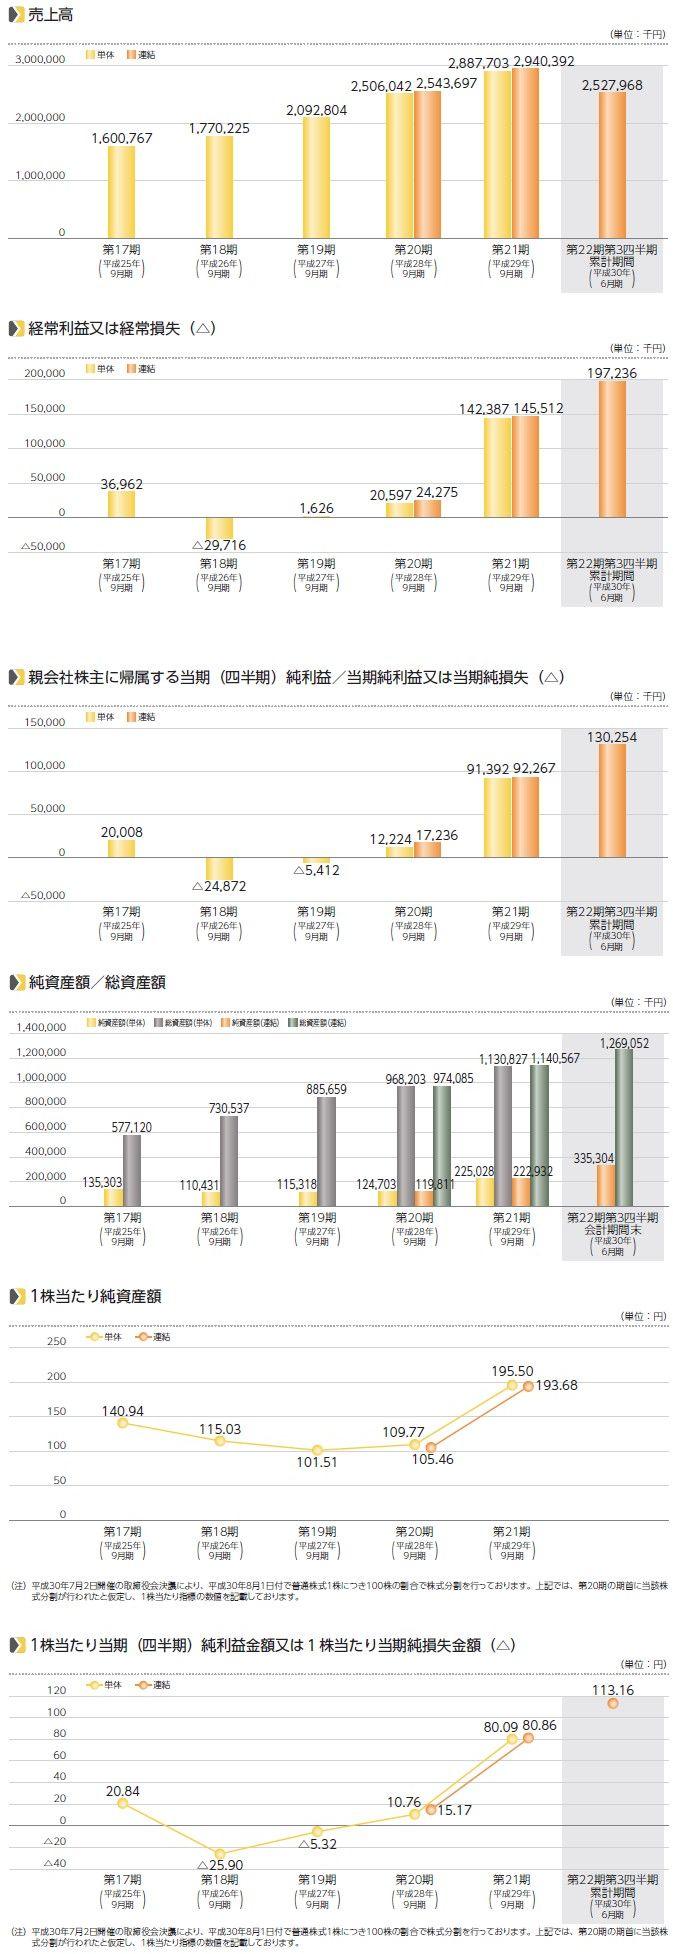 ディ・アイ・システムの経営指標グラフ